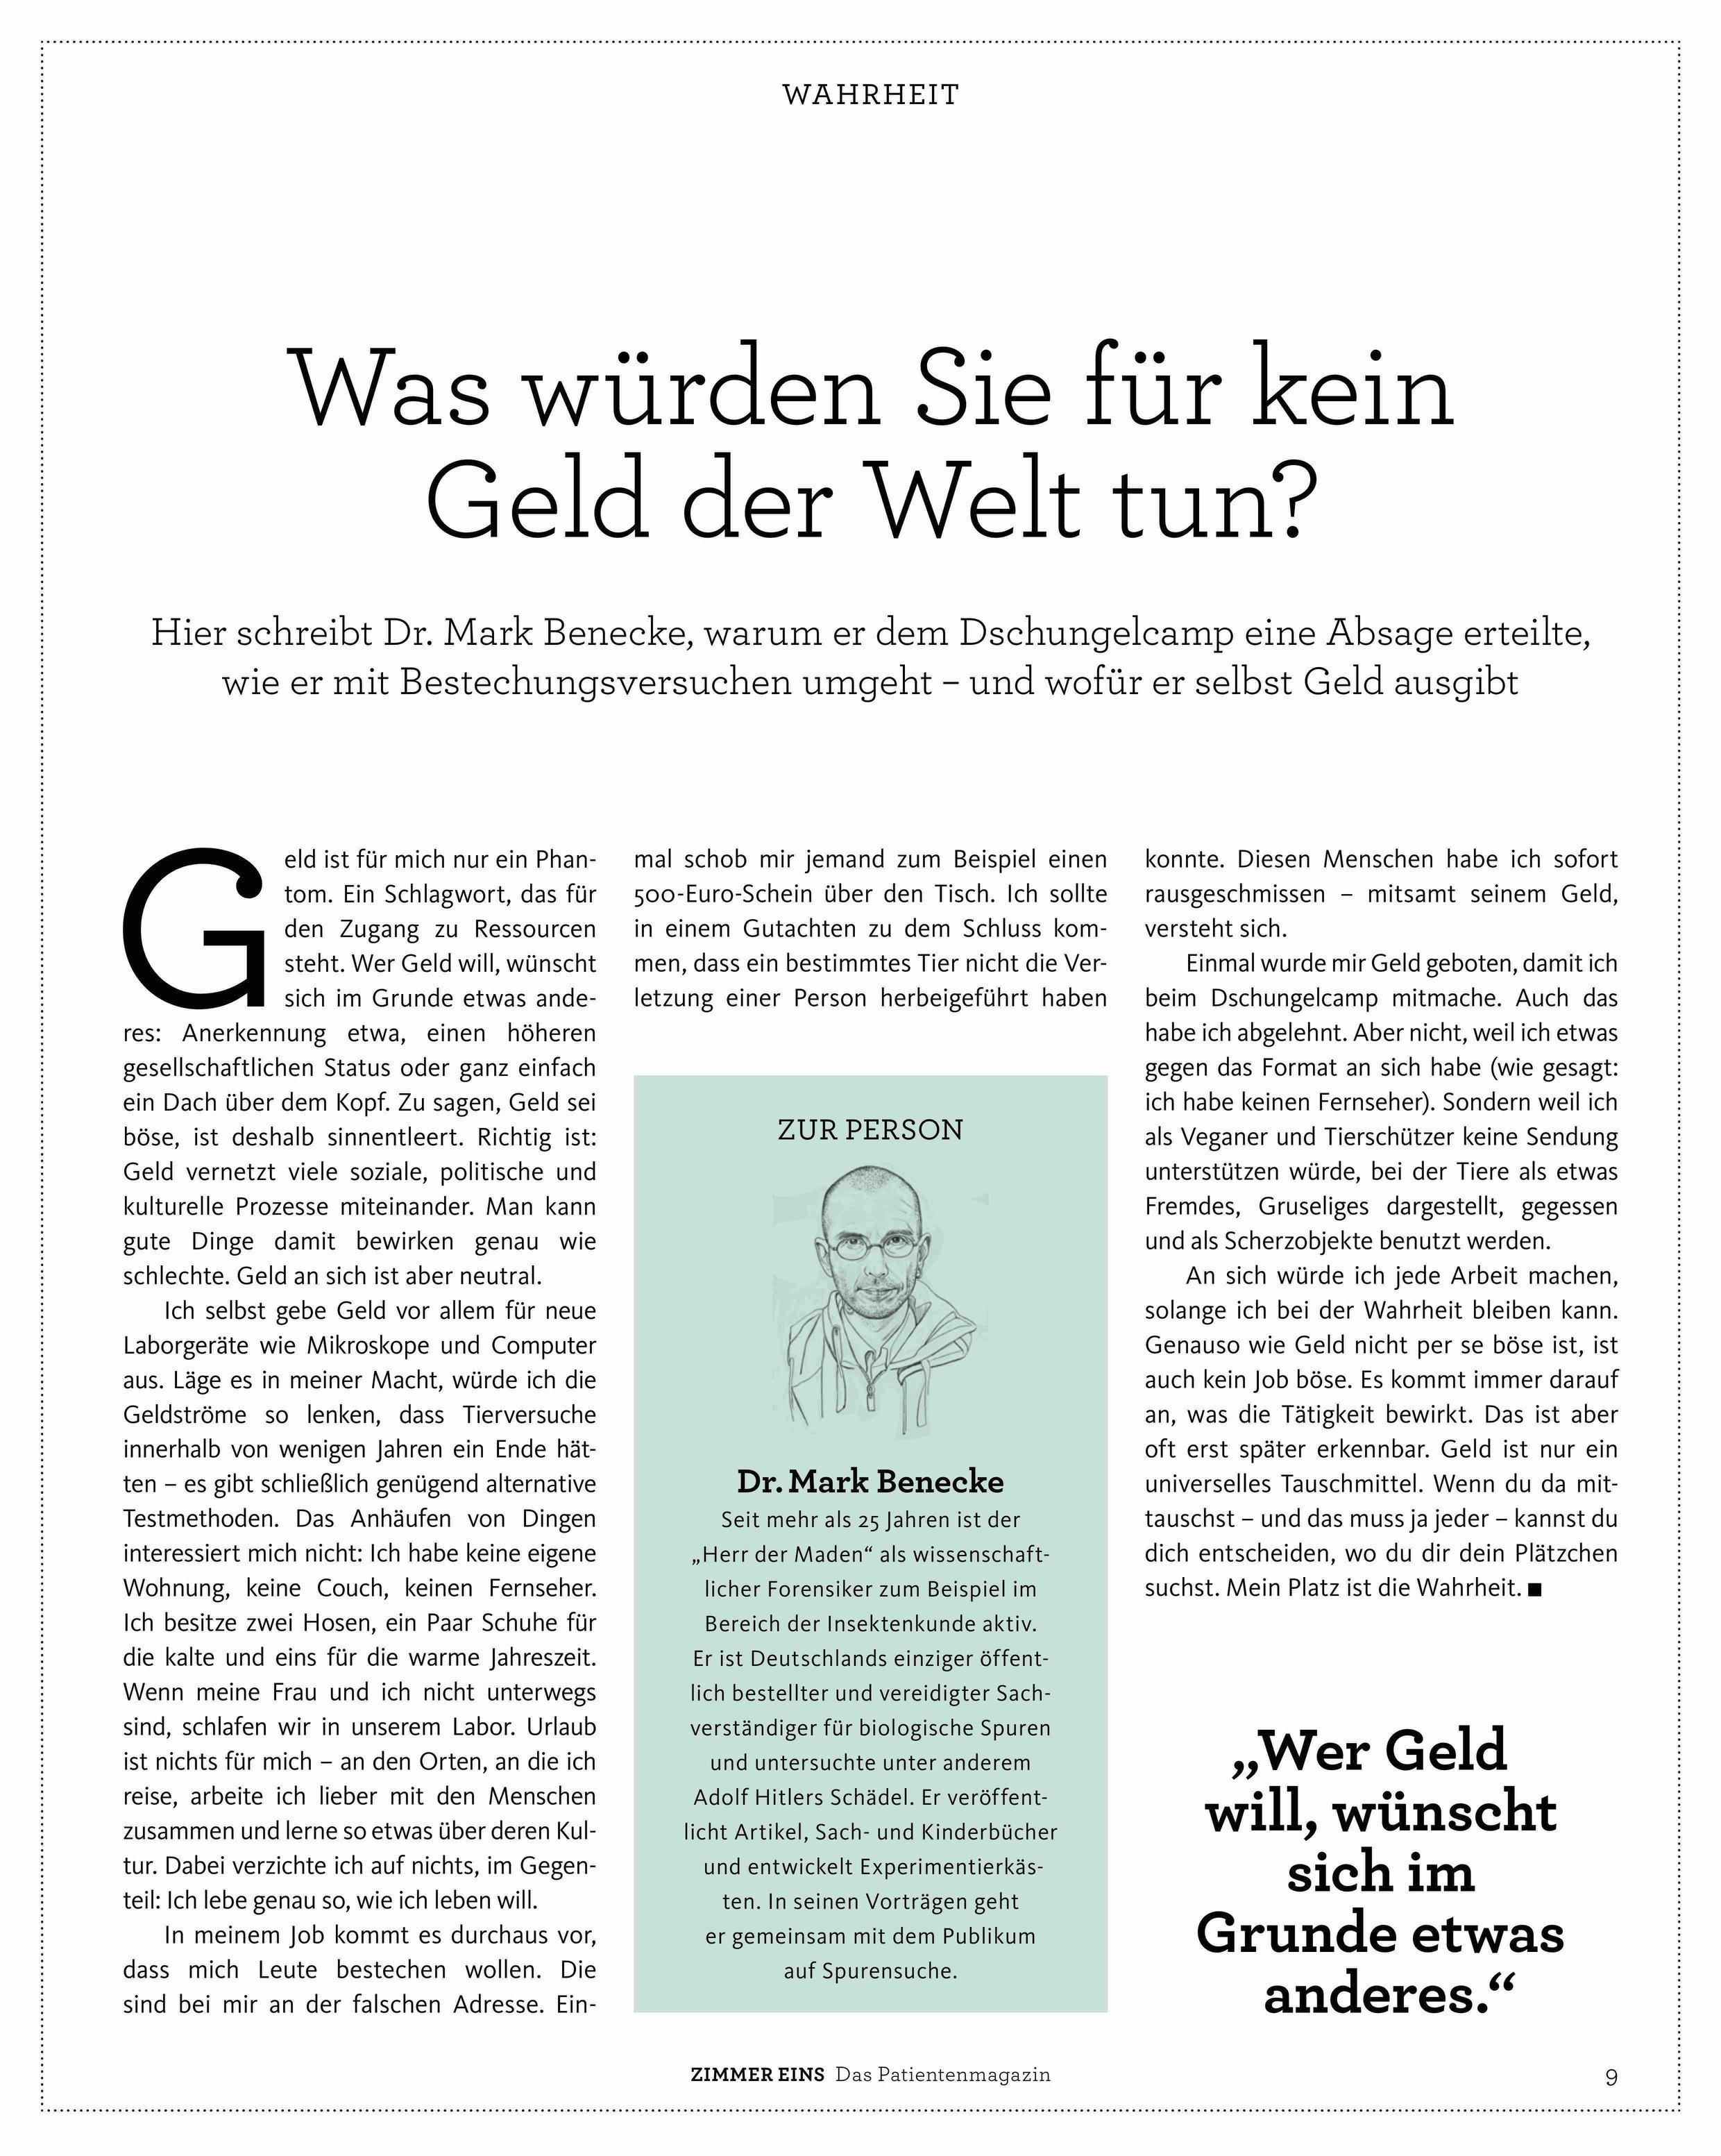 kbv_magazin_mark_benecke_was_wuerden_sie_fuer_geld.jpg